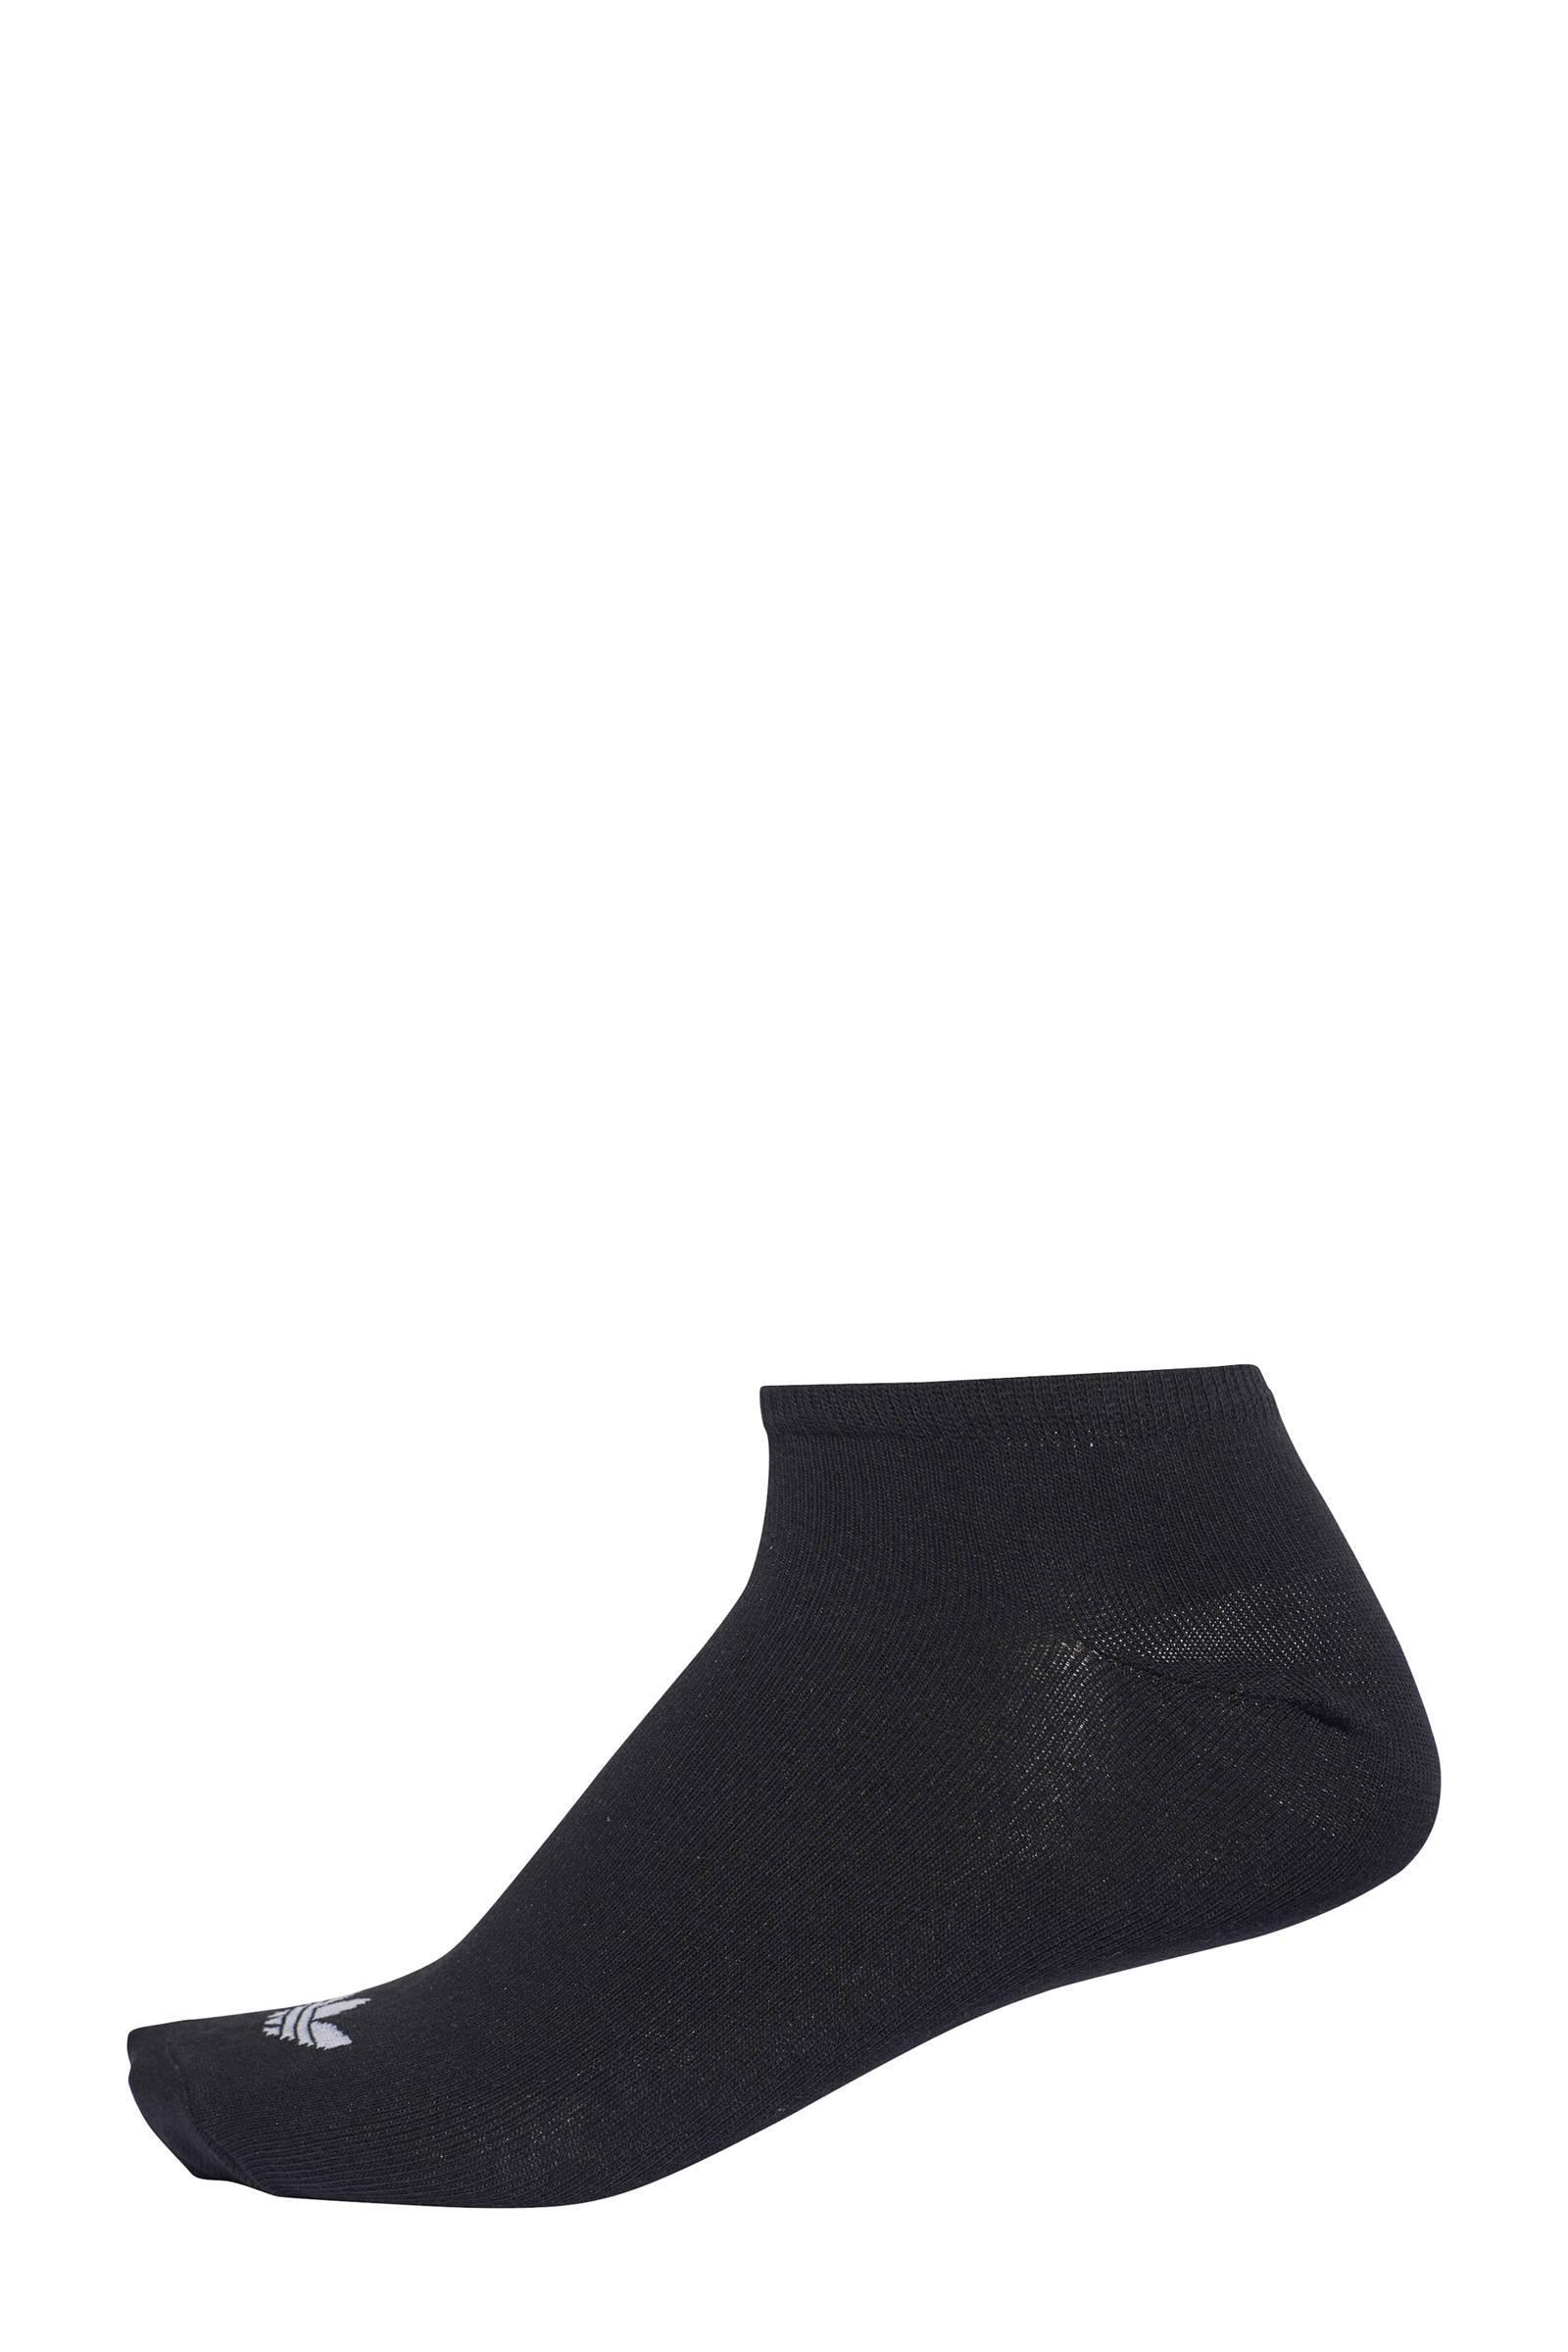 adidas originals sneakersokken | wehkamp